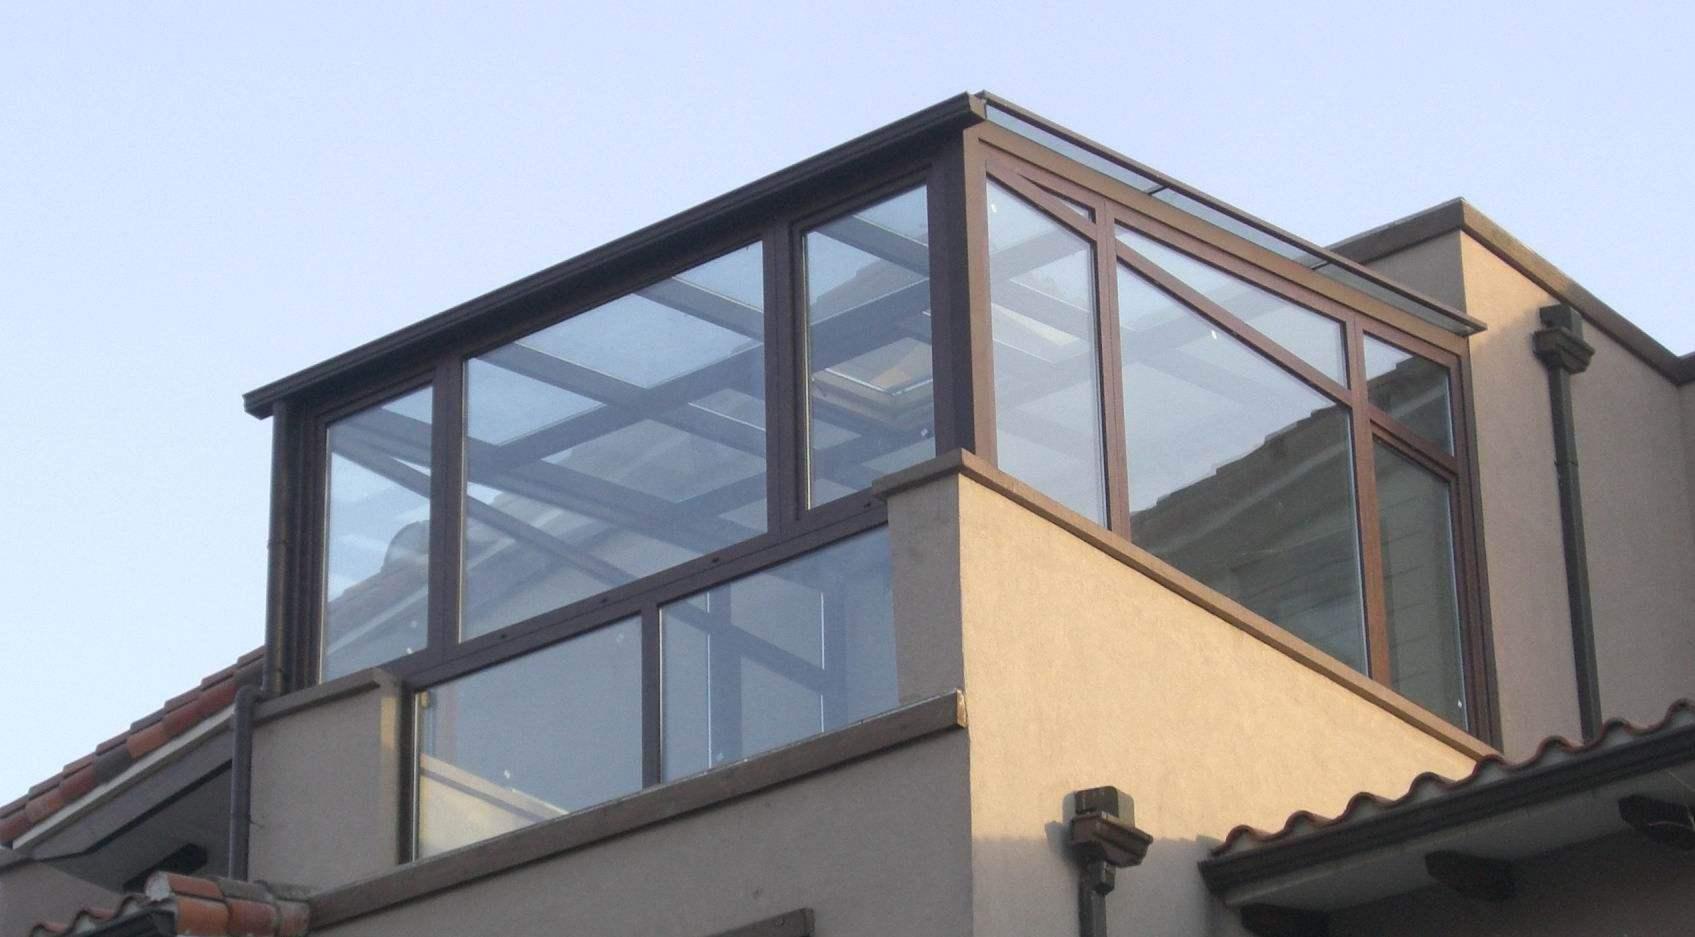 为某小区陈先生设计安装阳光房